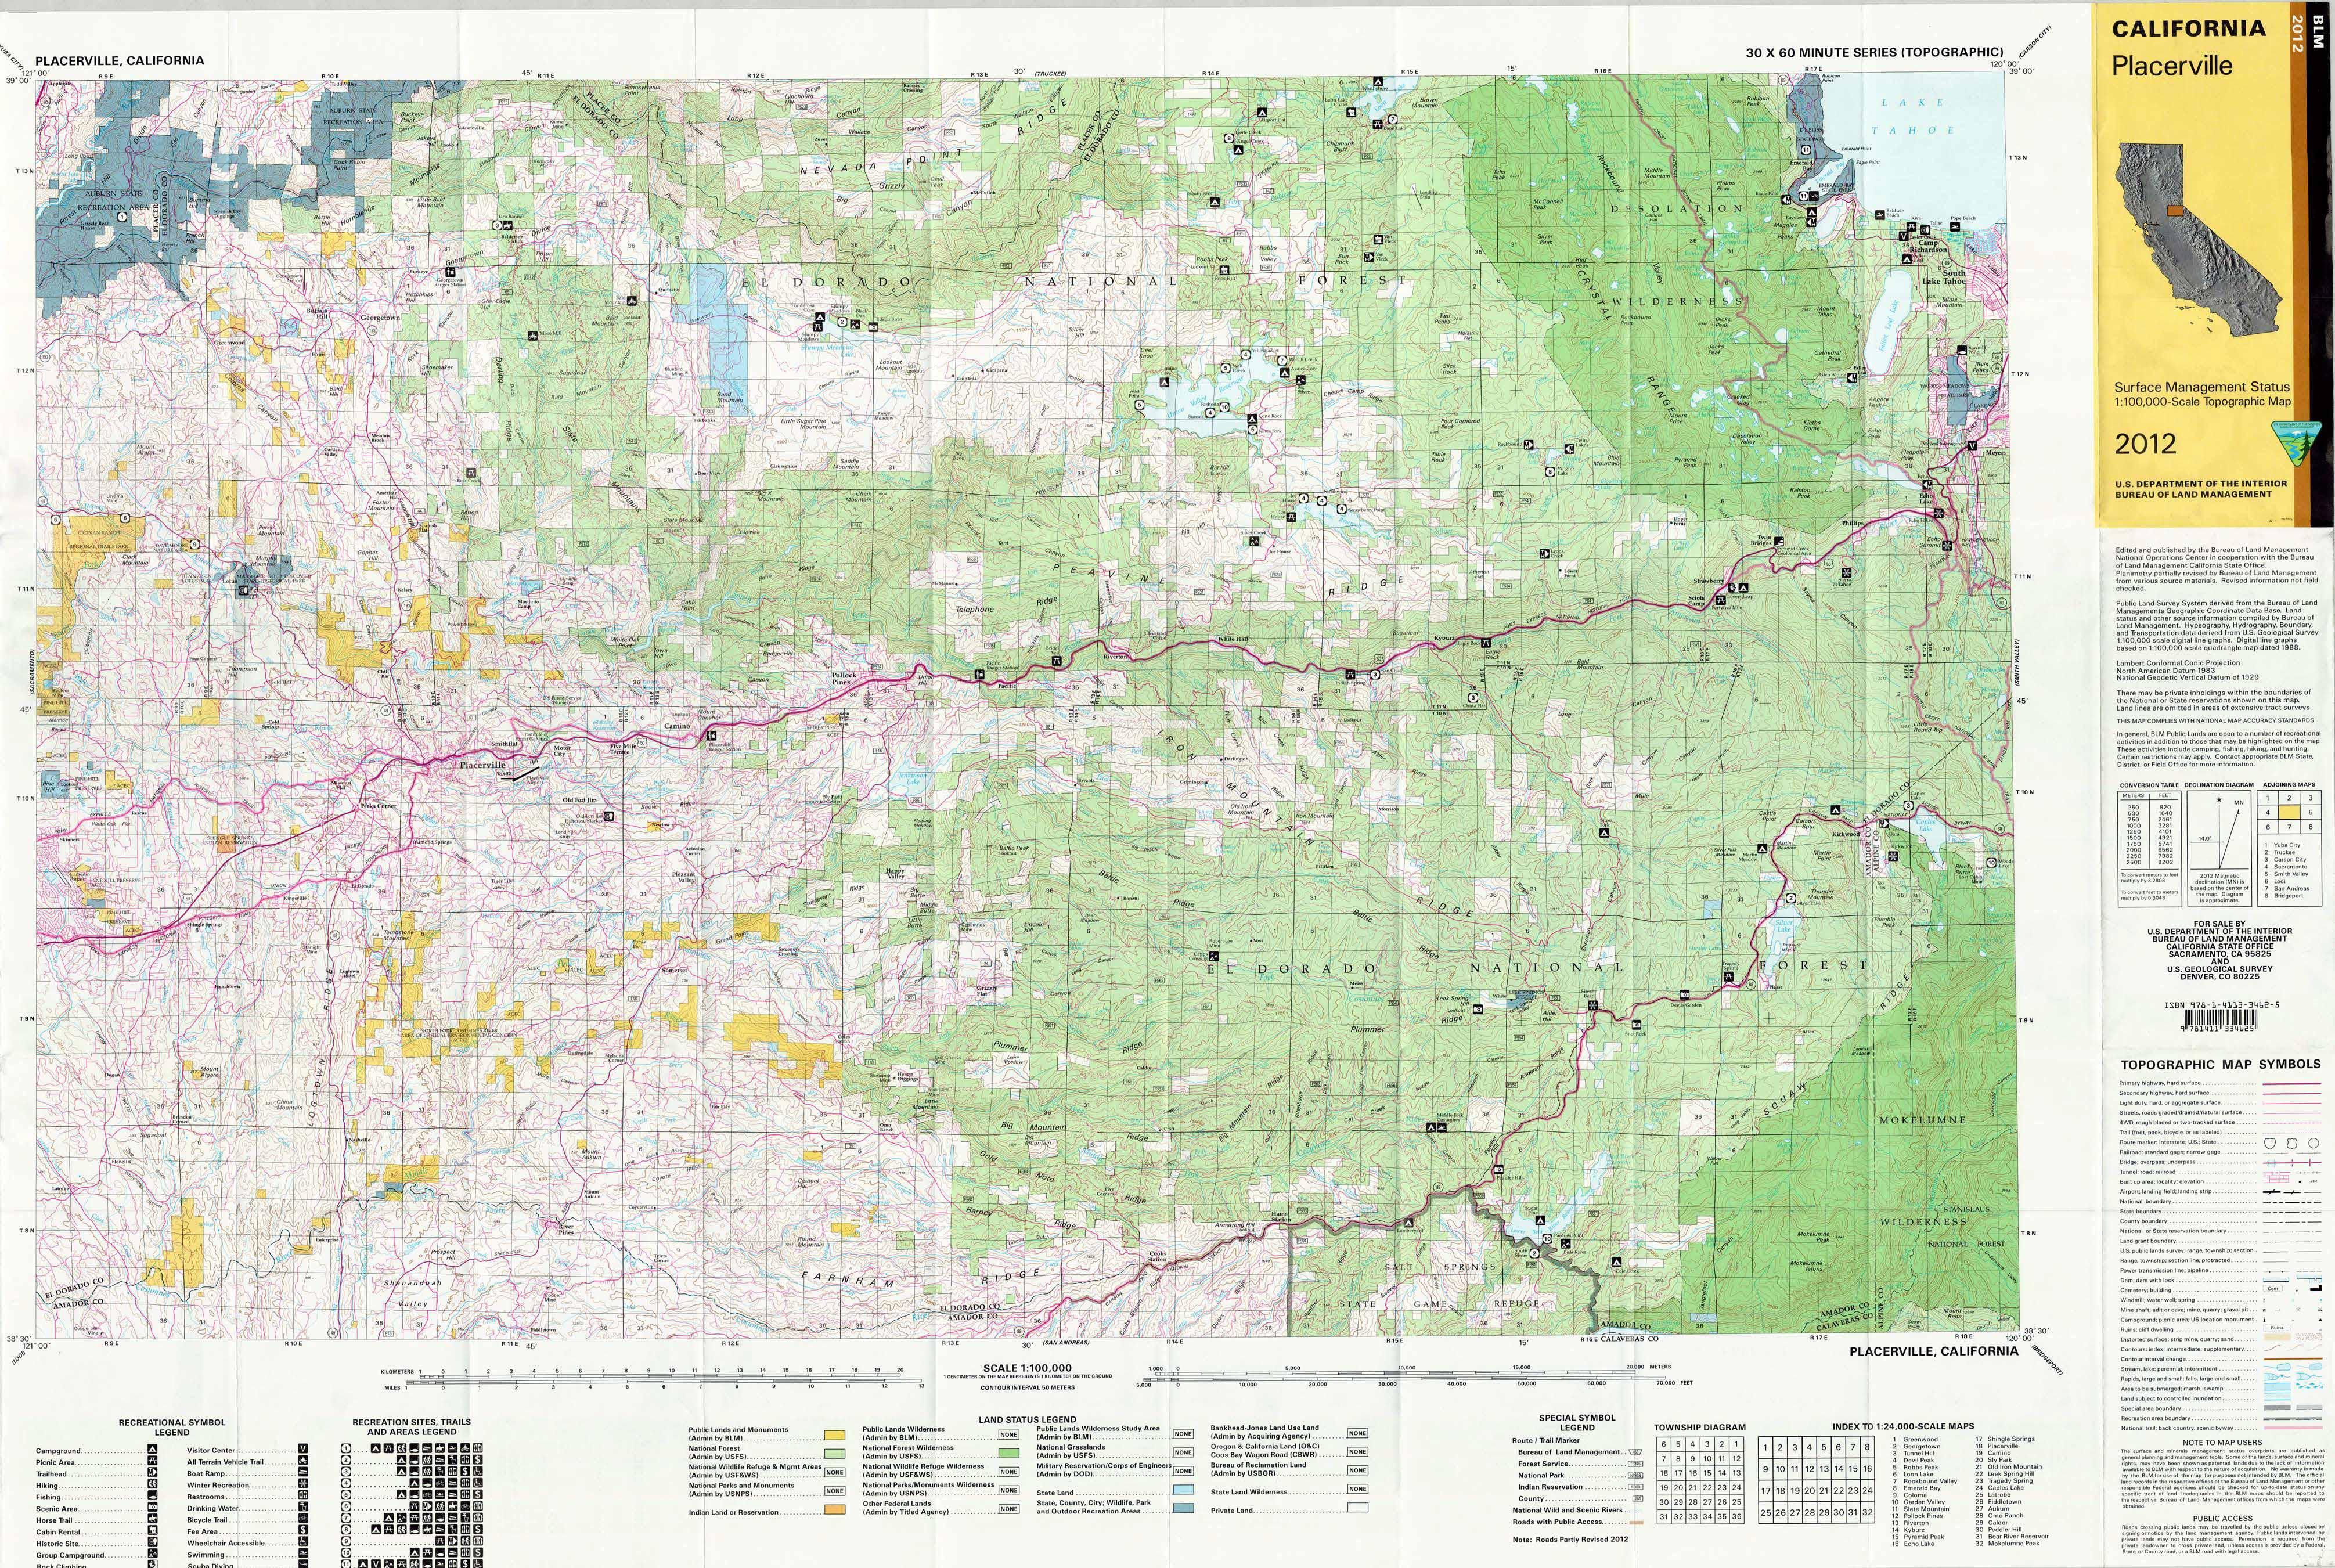 Placerville California Map.Placerville California Blm Surface Management Maps Zegold